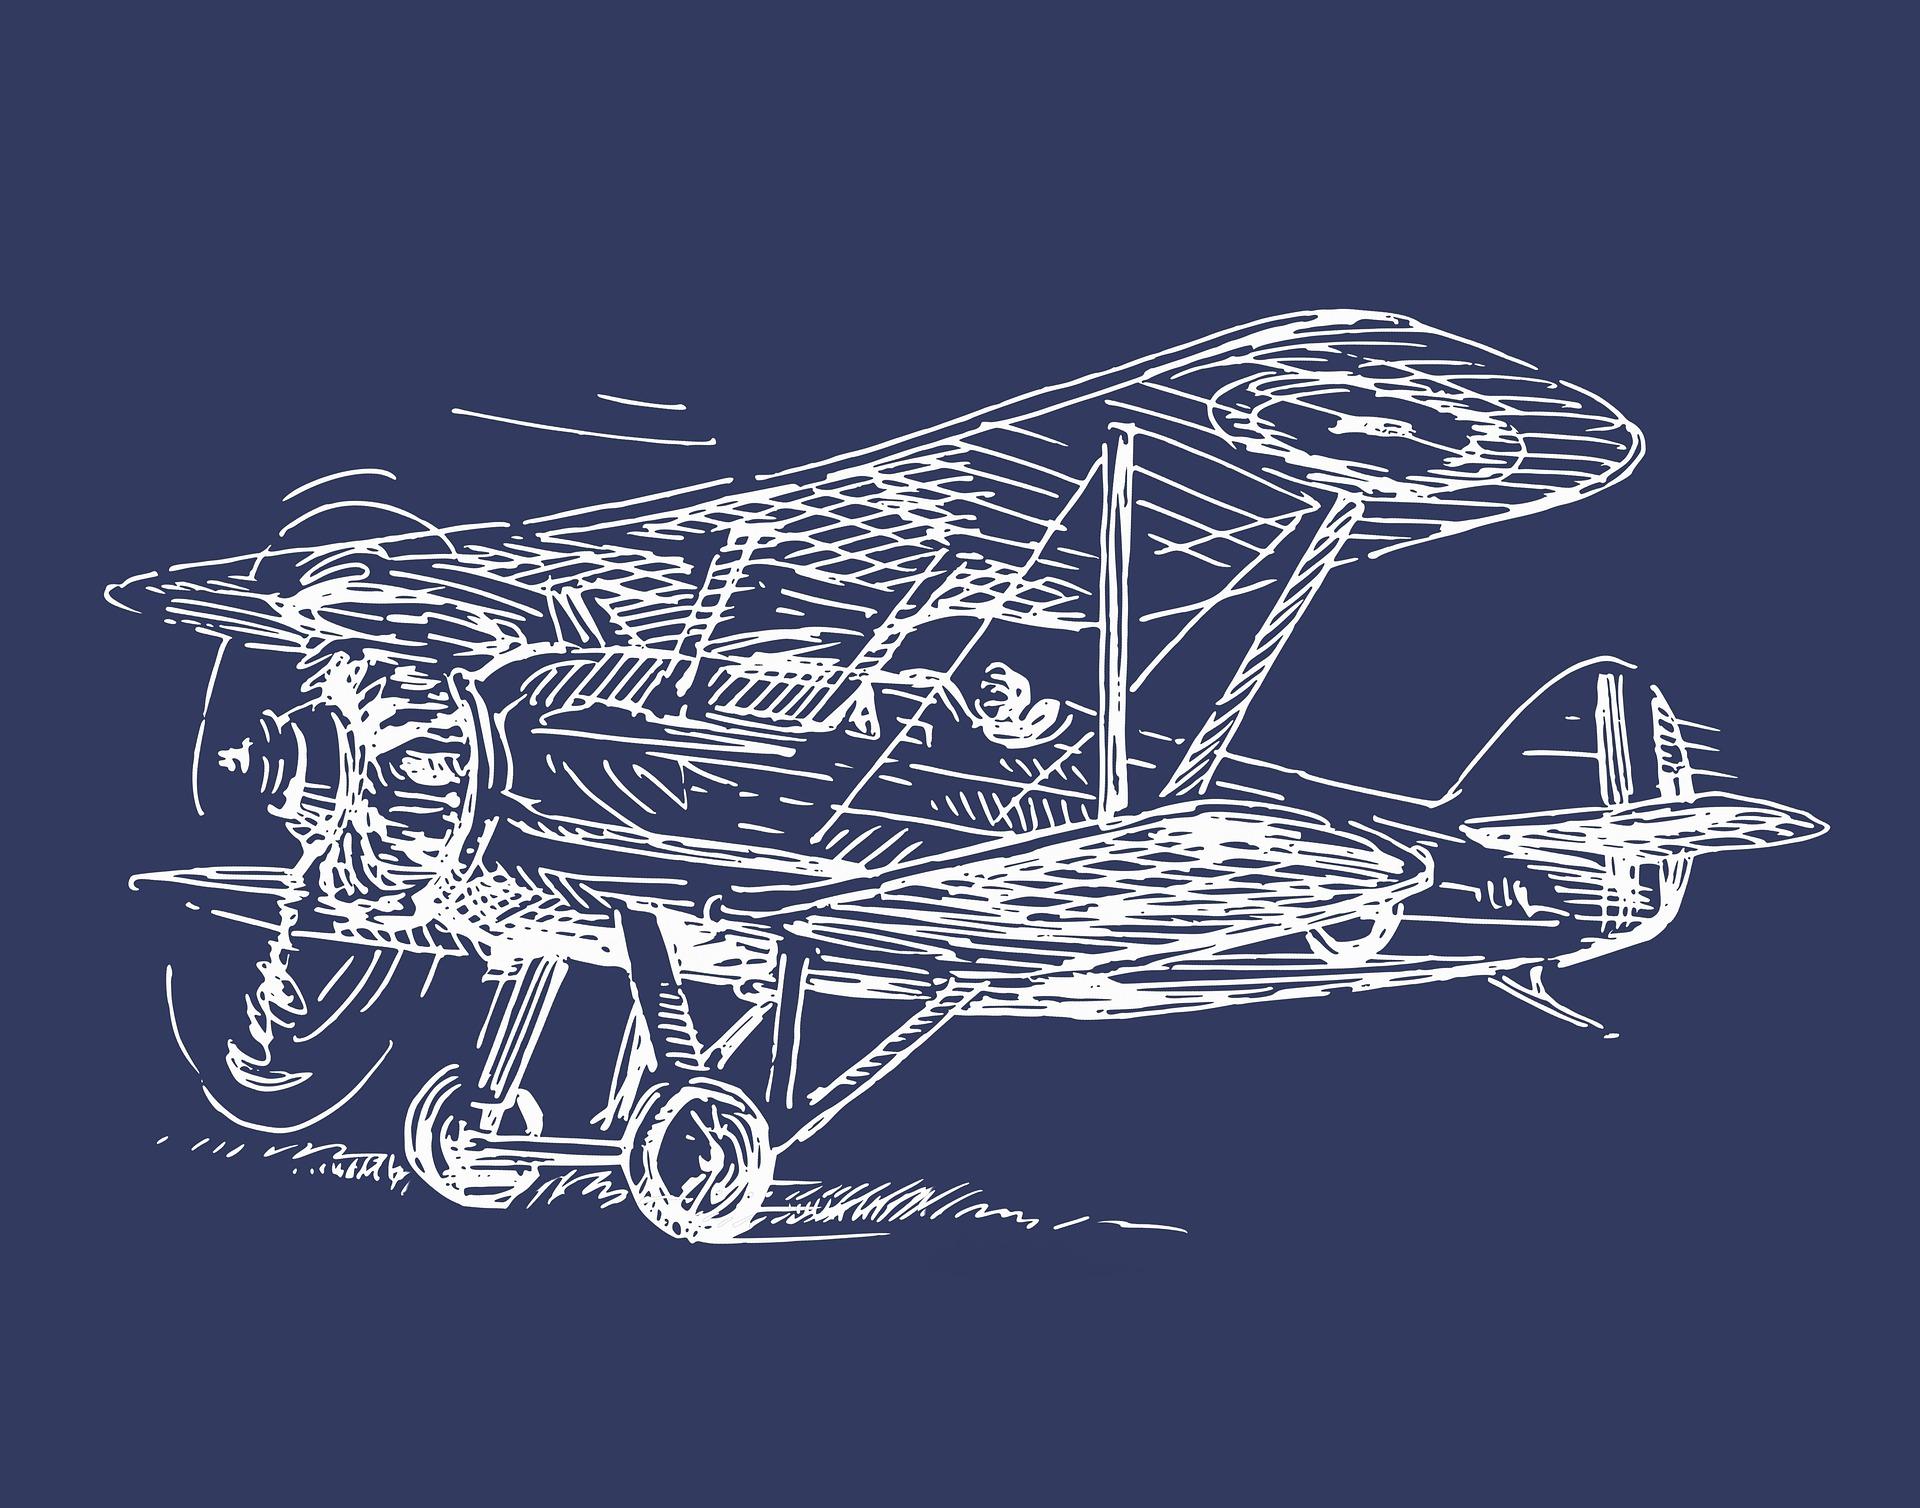 illustration-3093862_1920.jpg